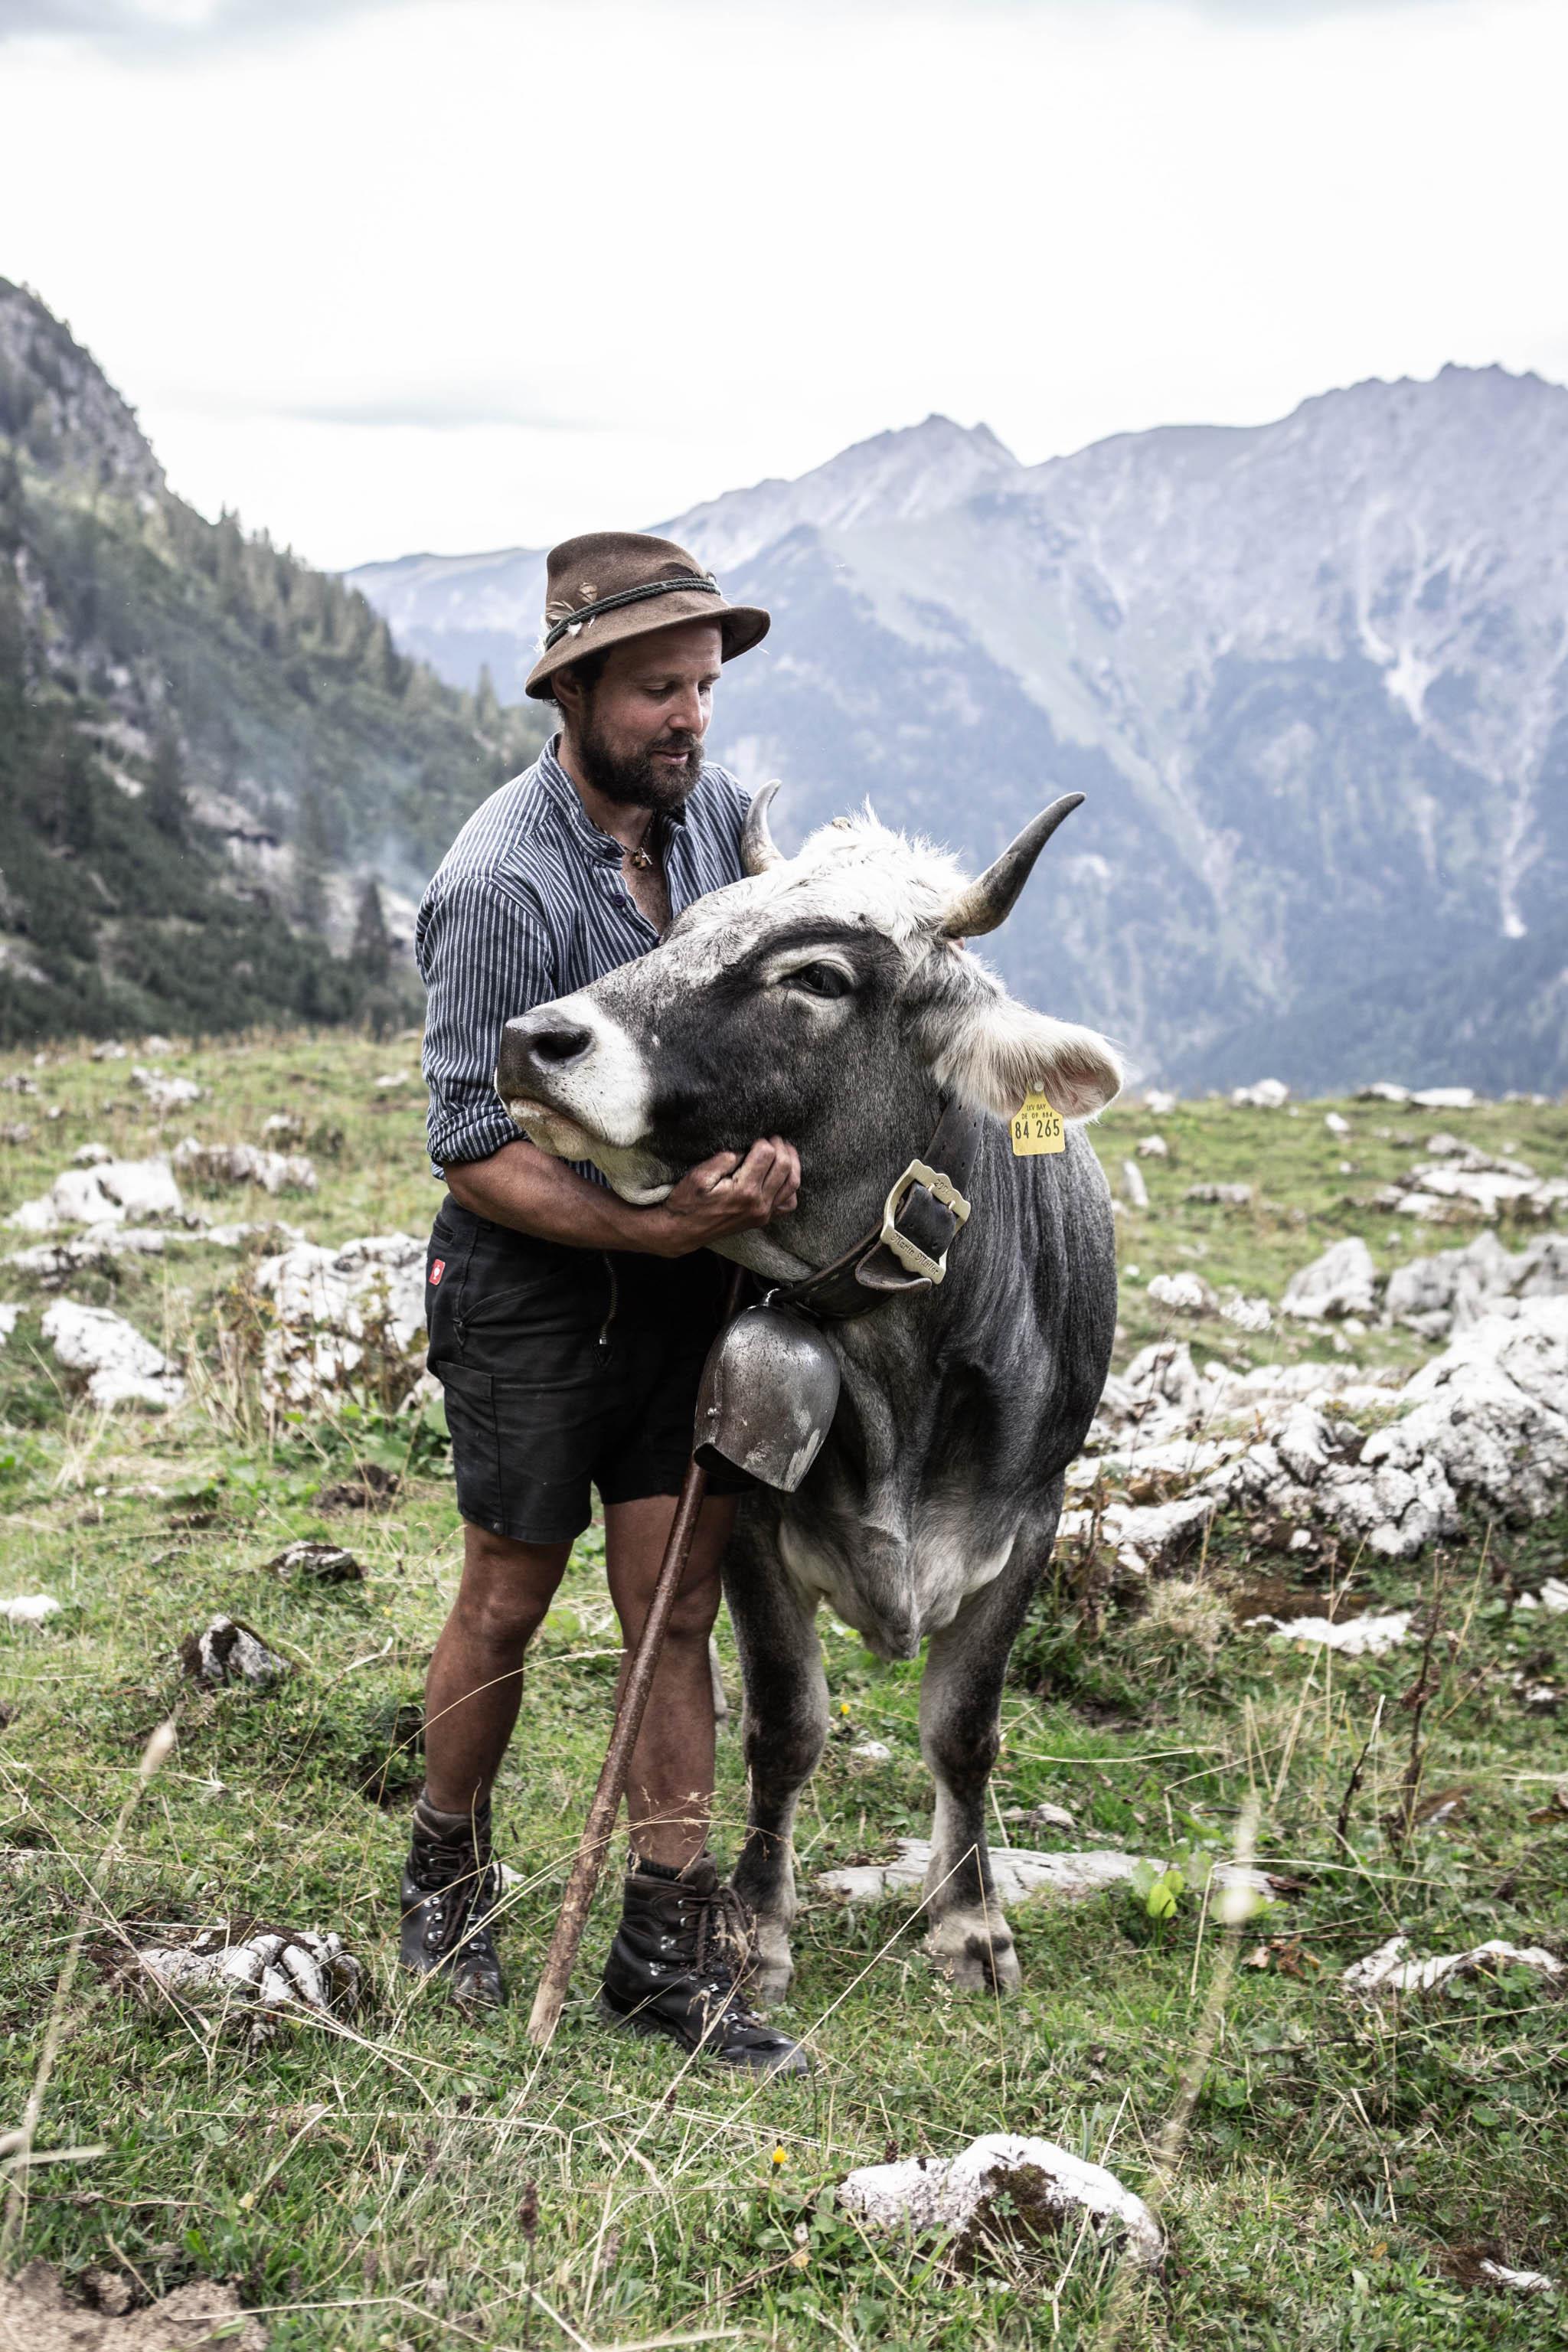 Mountain farmer Georg Rädler's cows